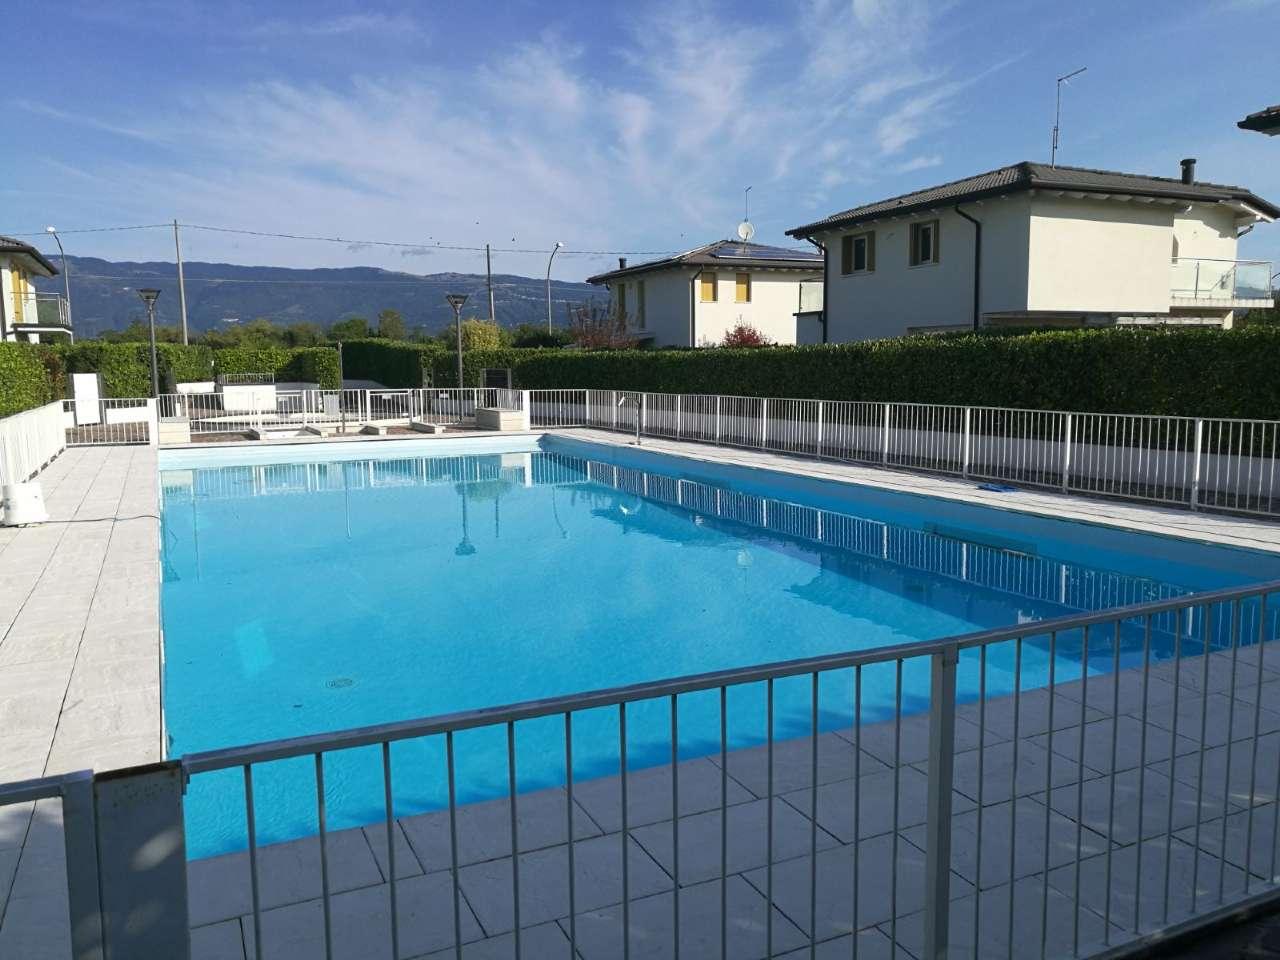 Villa in vendita a Breganze, 4 locali, prezzo € 220.000 | CambioCasa.it